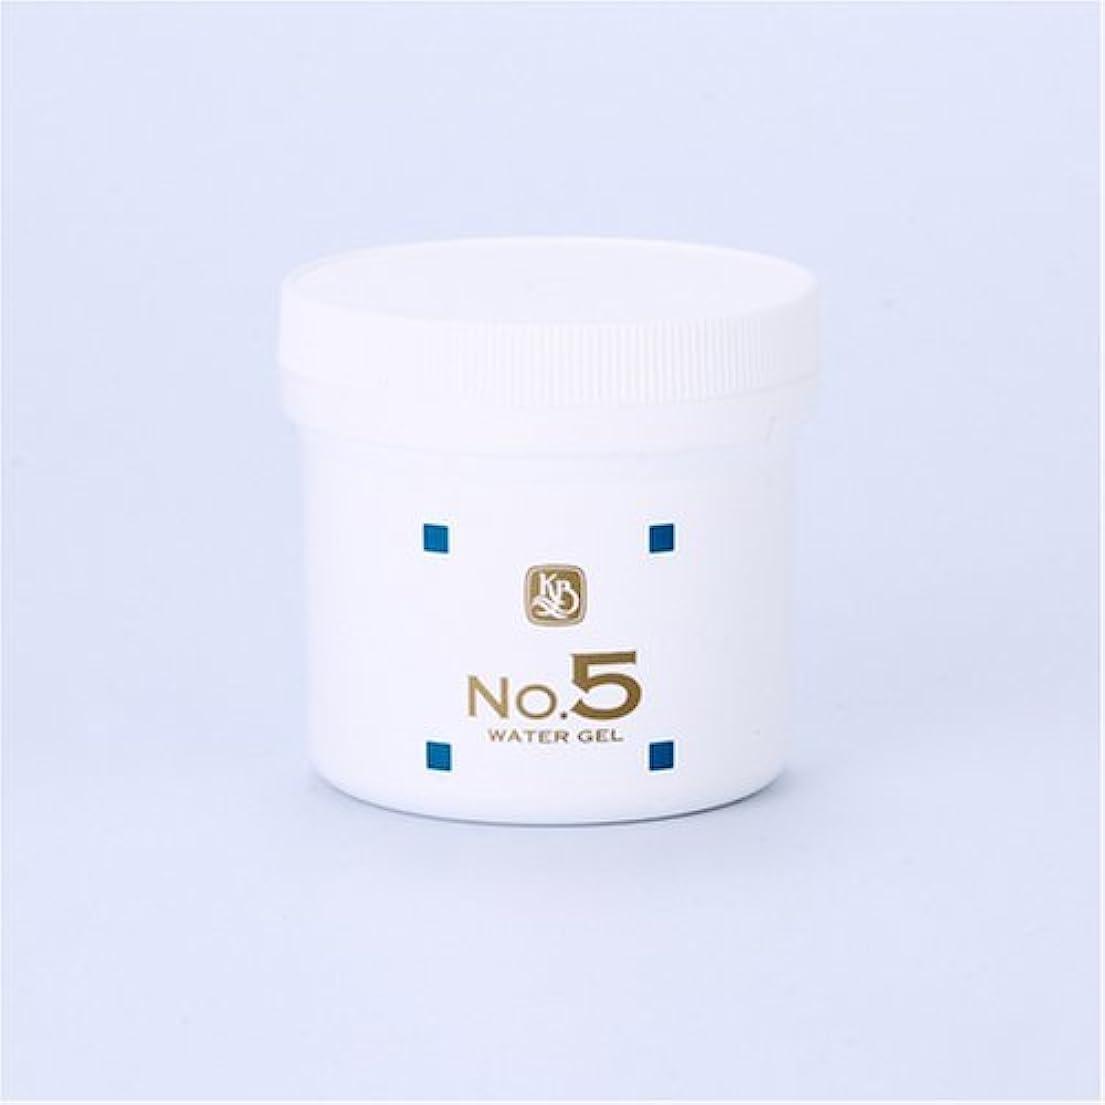 消去火鮮やかな顔を洗う水シリーズ ウォーターゲルNo5(鎮静パック) 250g